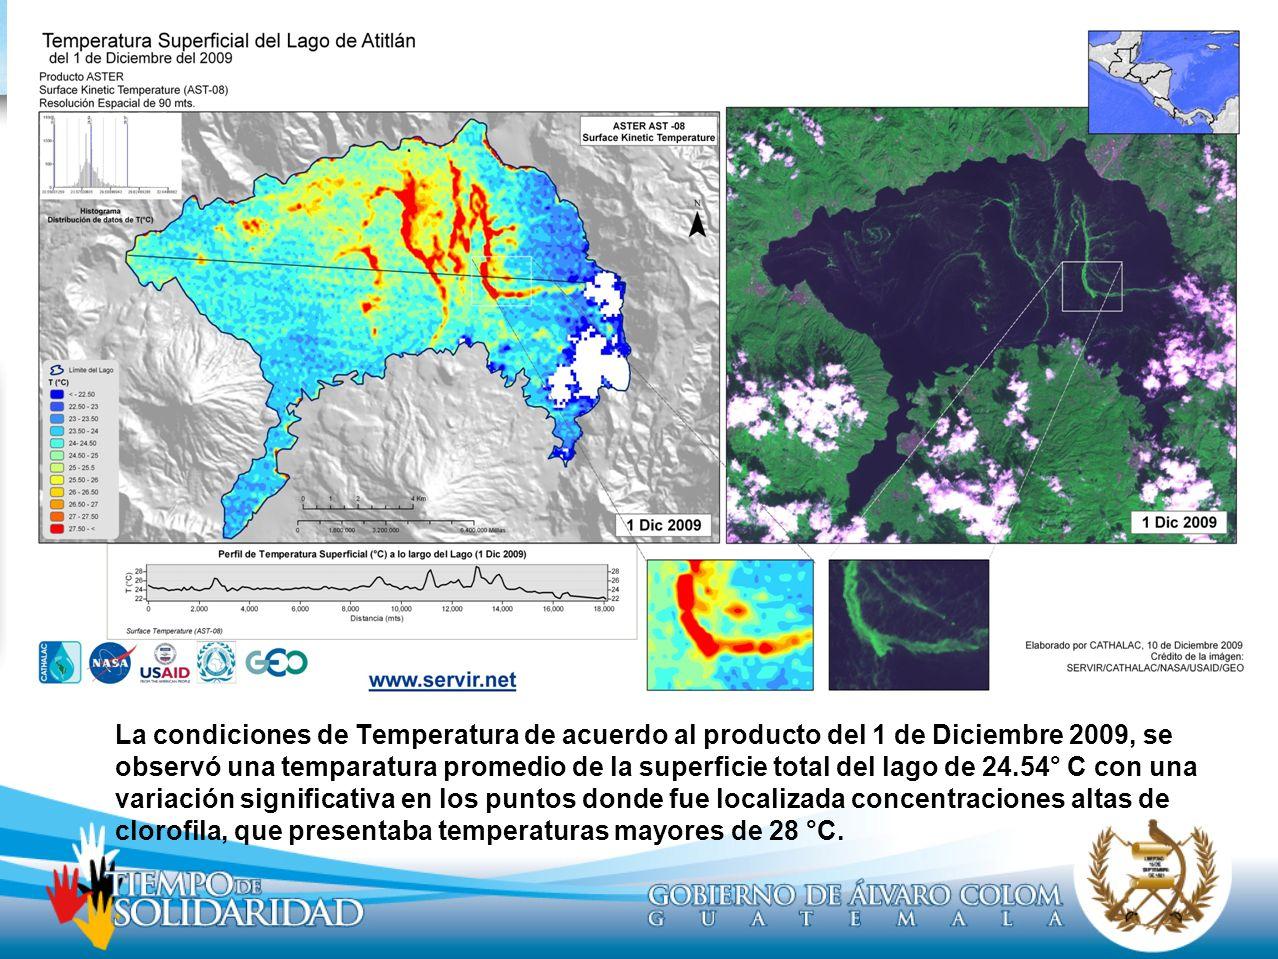 La condiciones de Temperatura de acuerdo al producto del 1 de Diciembre 2009, se observó una temparatura promedio de la superficie total del lago de 2